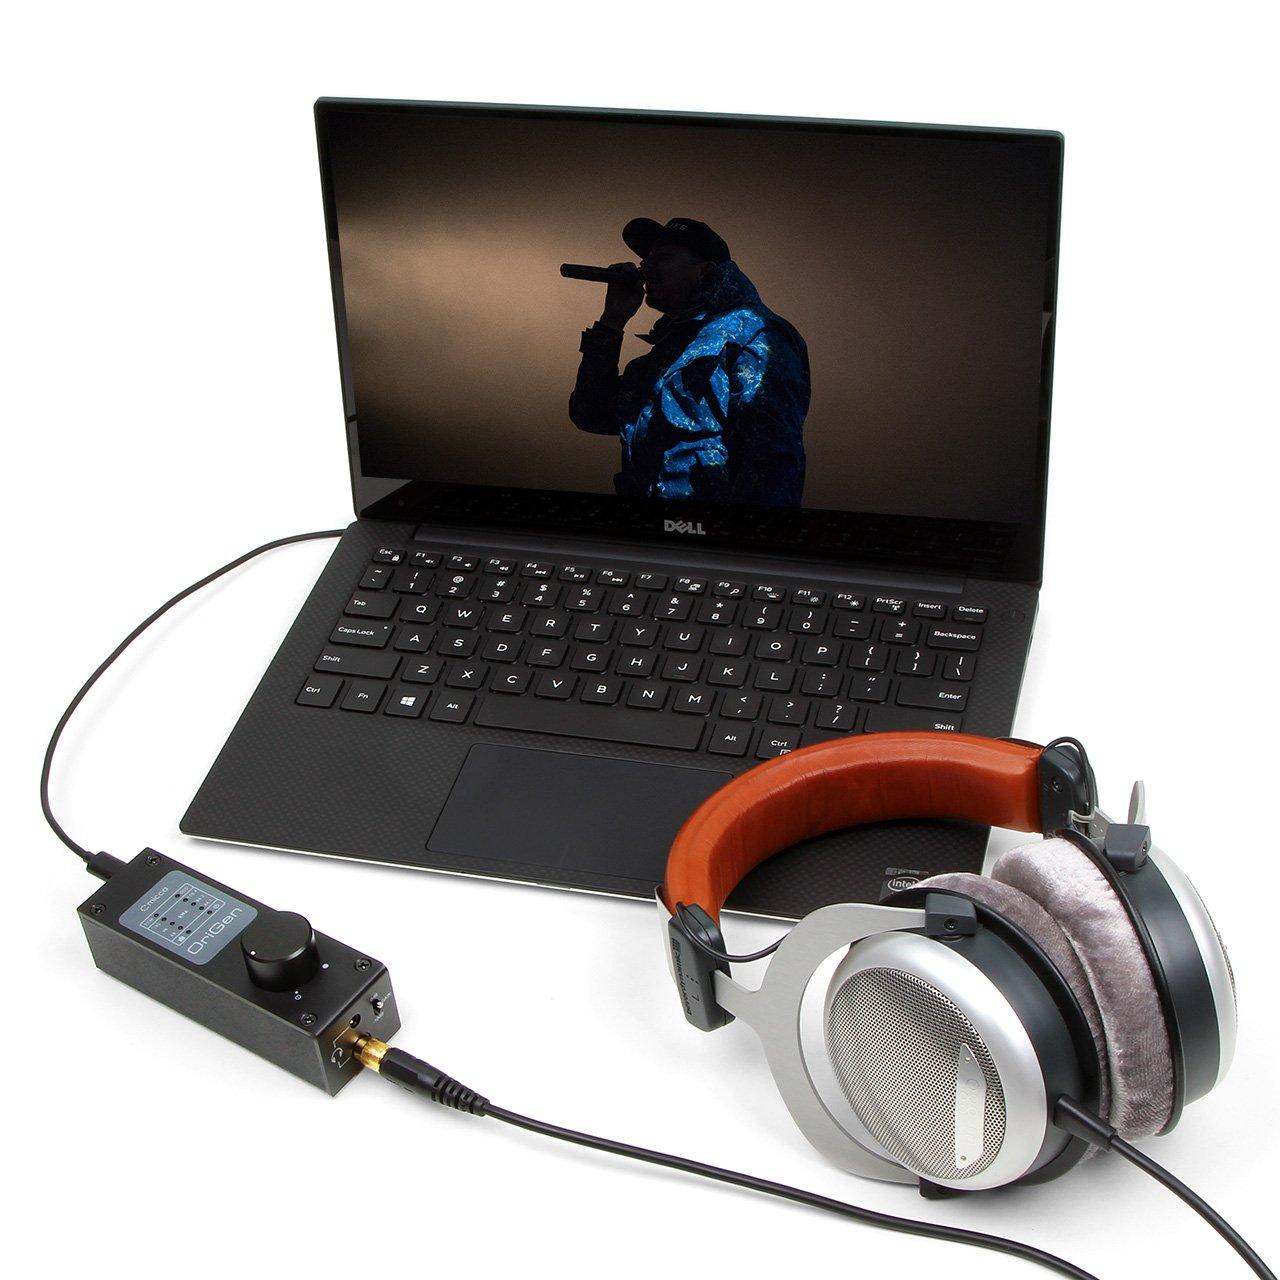 Micca - DAC y preamplificador de alta resolución USB modelo «Origen +», de 24 bits / 192 kHz, con PCM y DSD de 64x.: Amazon.es: Electrónica